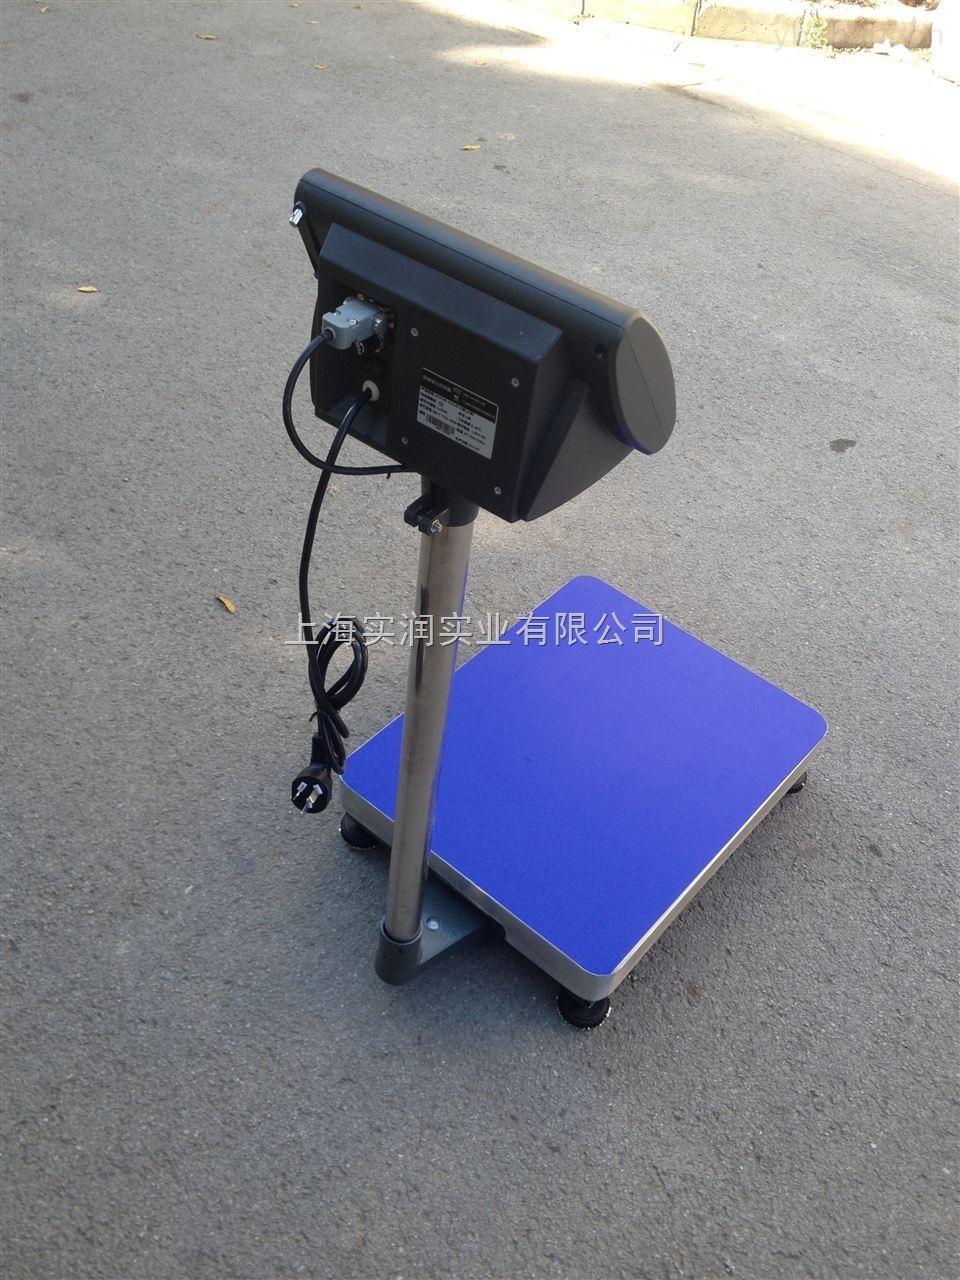 江蘇電子臺秤廠家,工業臺秤,TCS-50KG臺秤報價